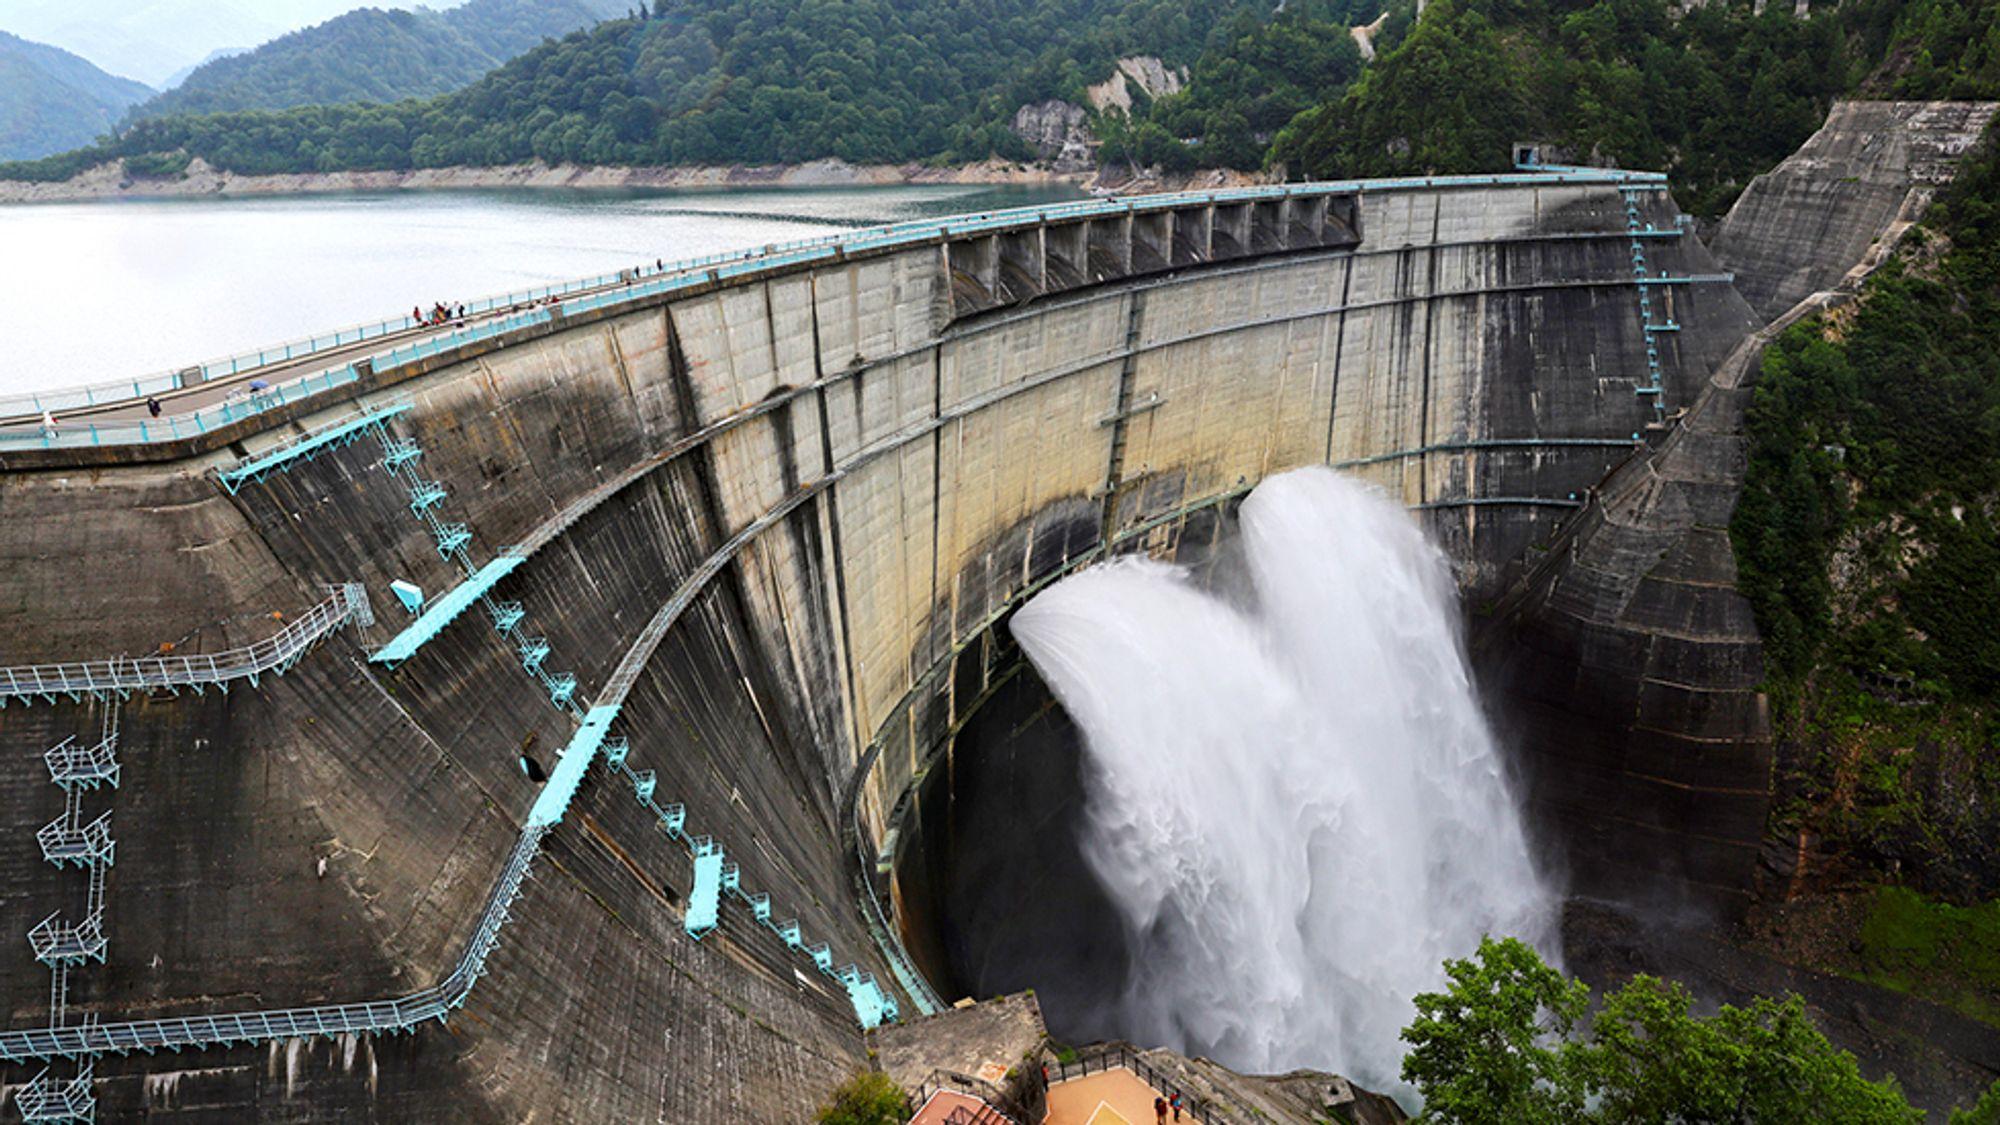 En studie tyder på at det er mye ny, fornybar energi å hente ut, dersom det installeres turbiner i bunntappeløp i dammer i verden.